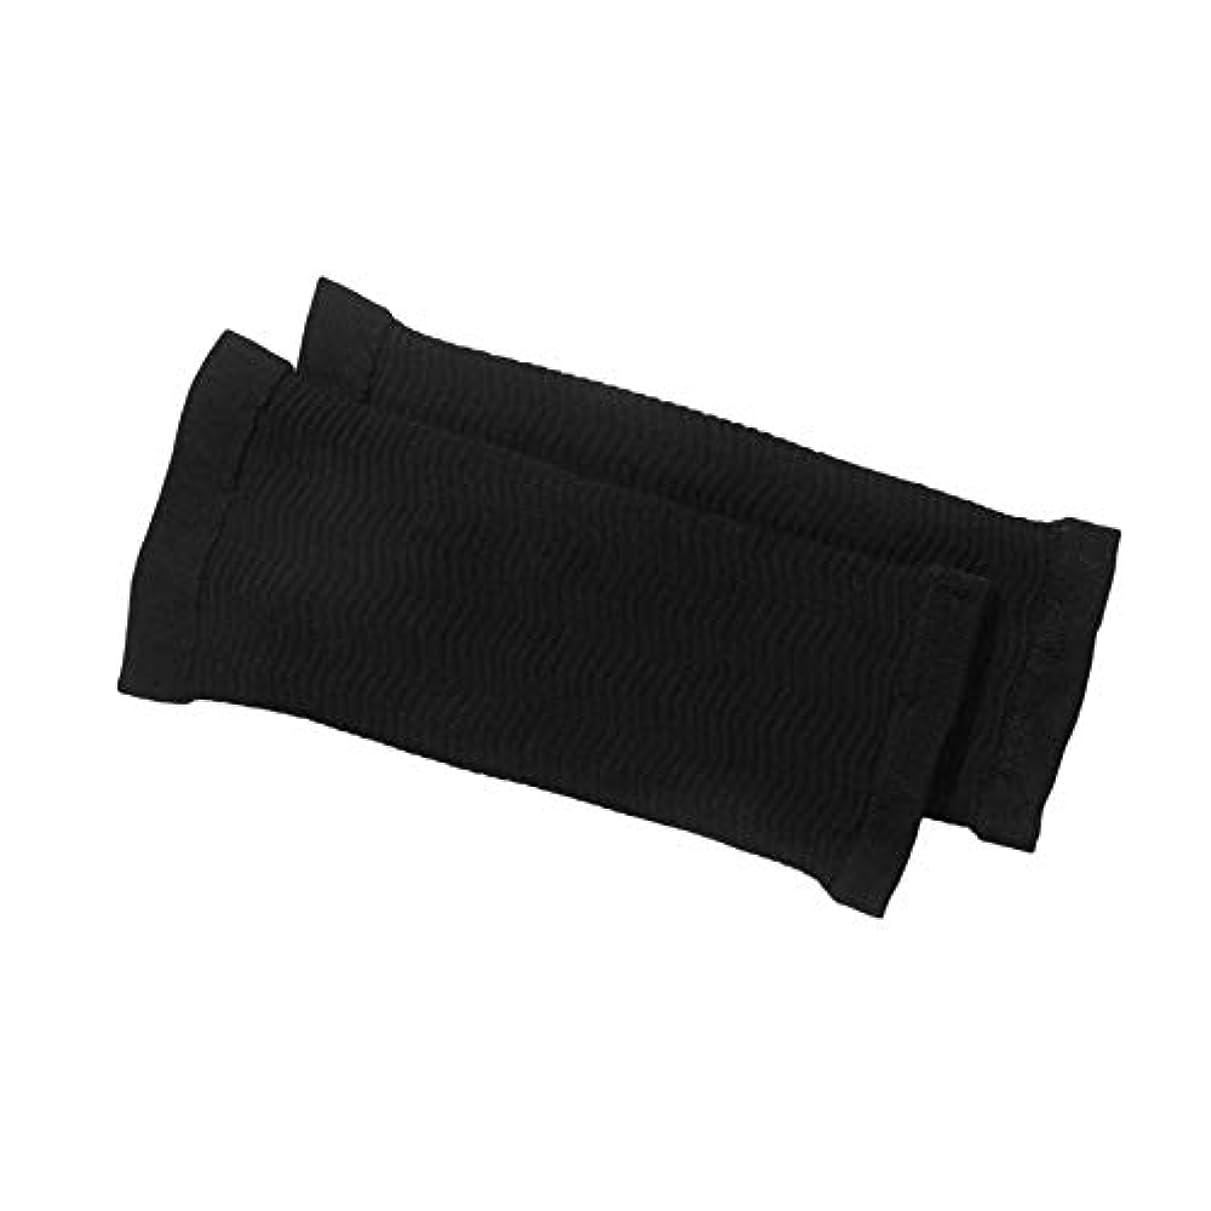 最も食堂ディベート1ペア420 D圧縮痩身アームスリーブワークアウトトーニングバーンセルライトシェイパー脂肪燃焼袖用女性 - 黒